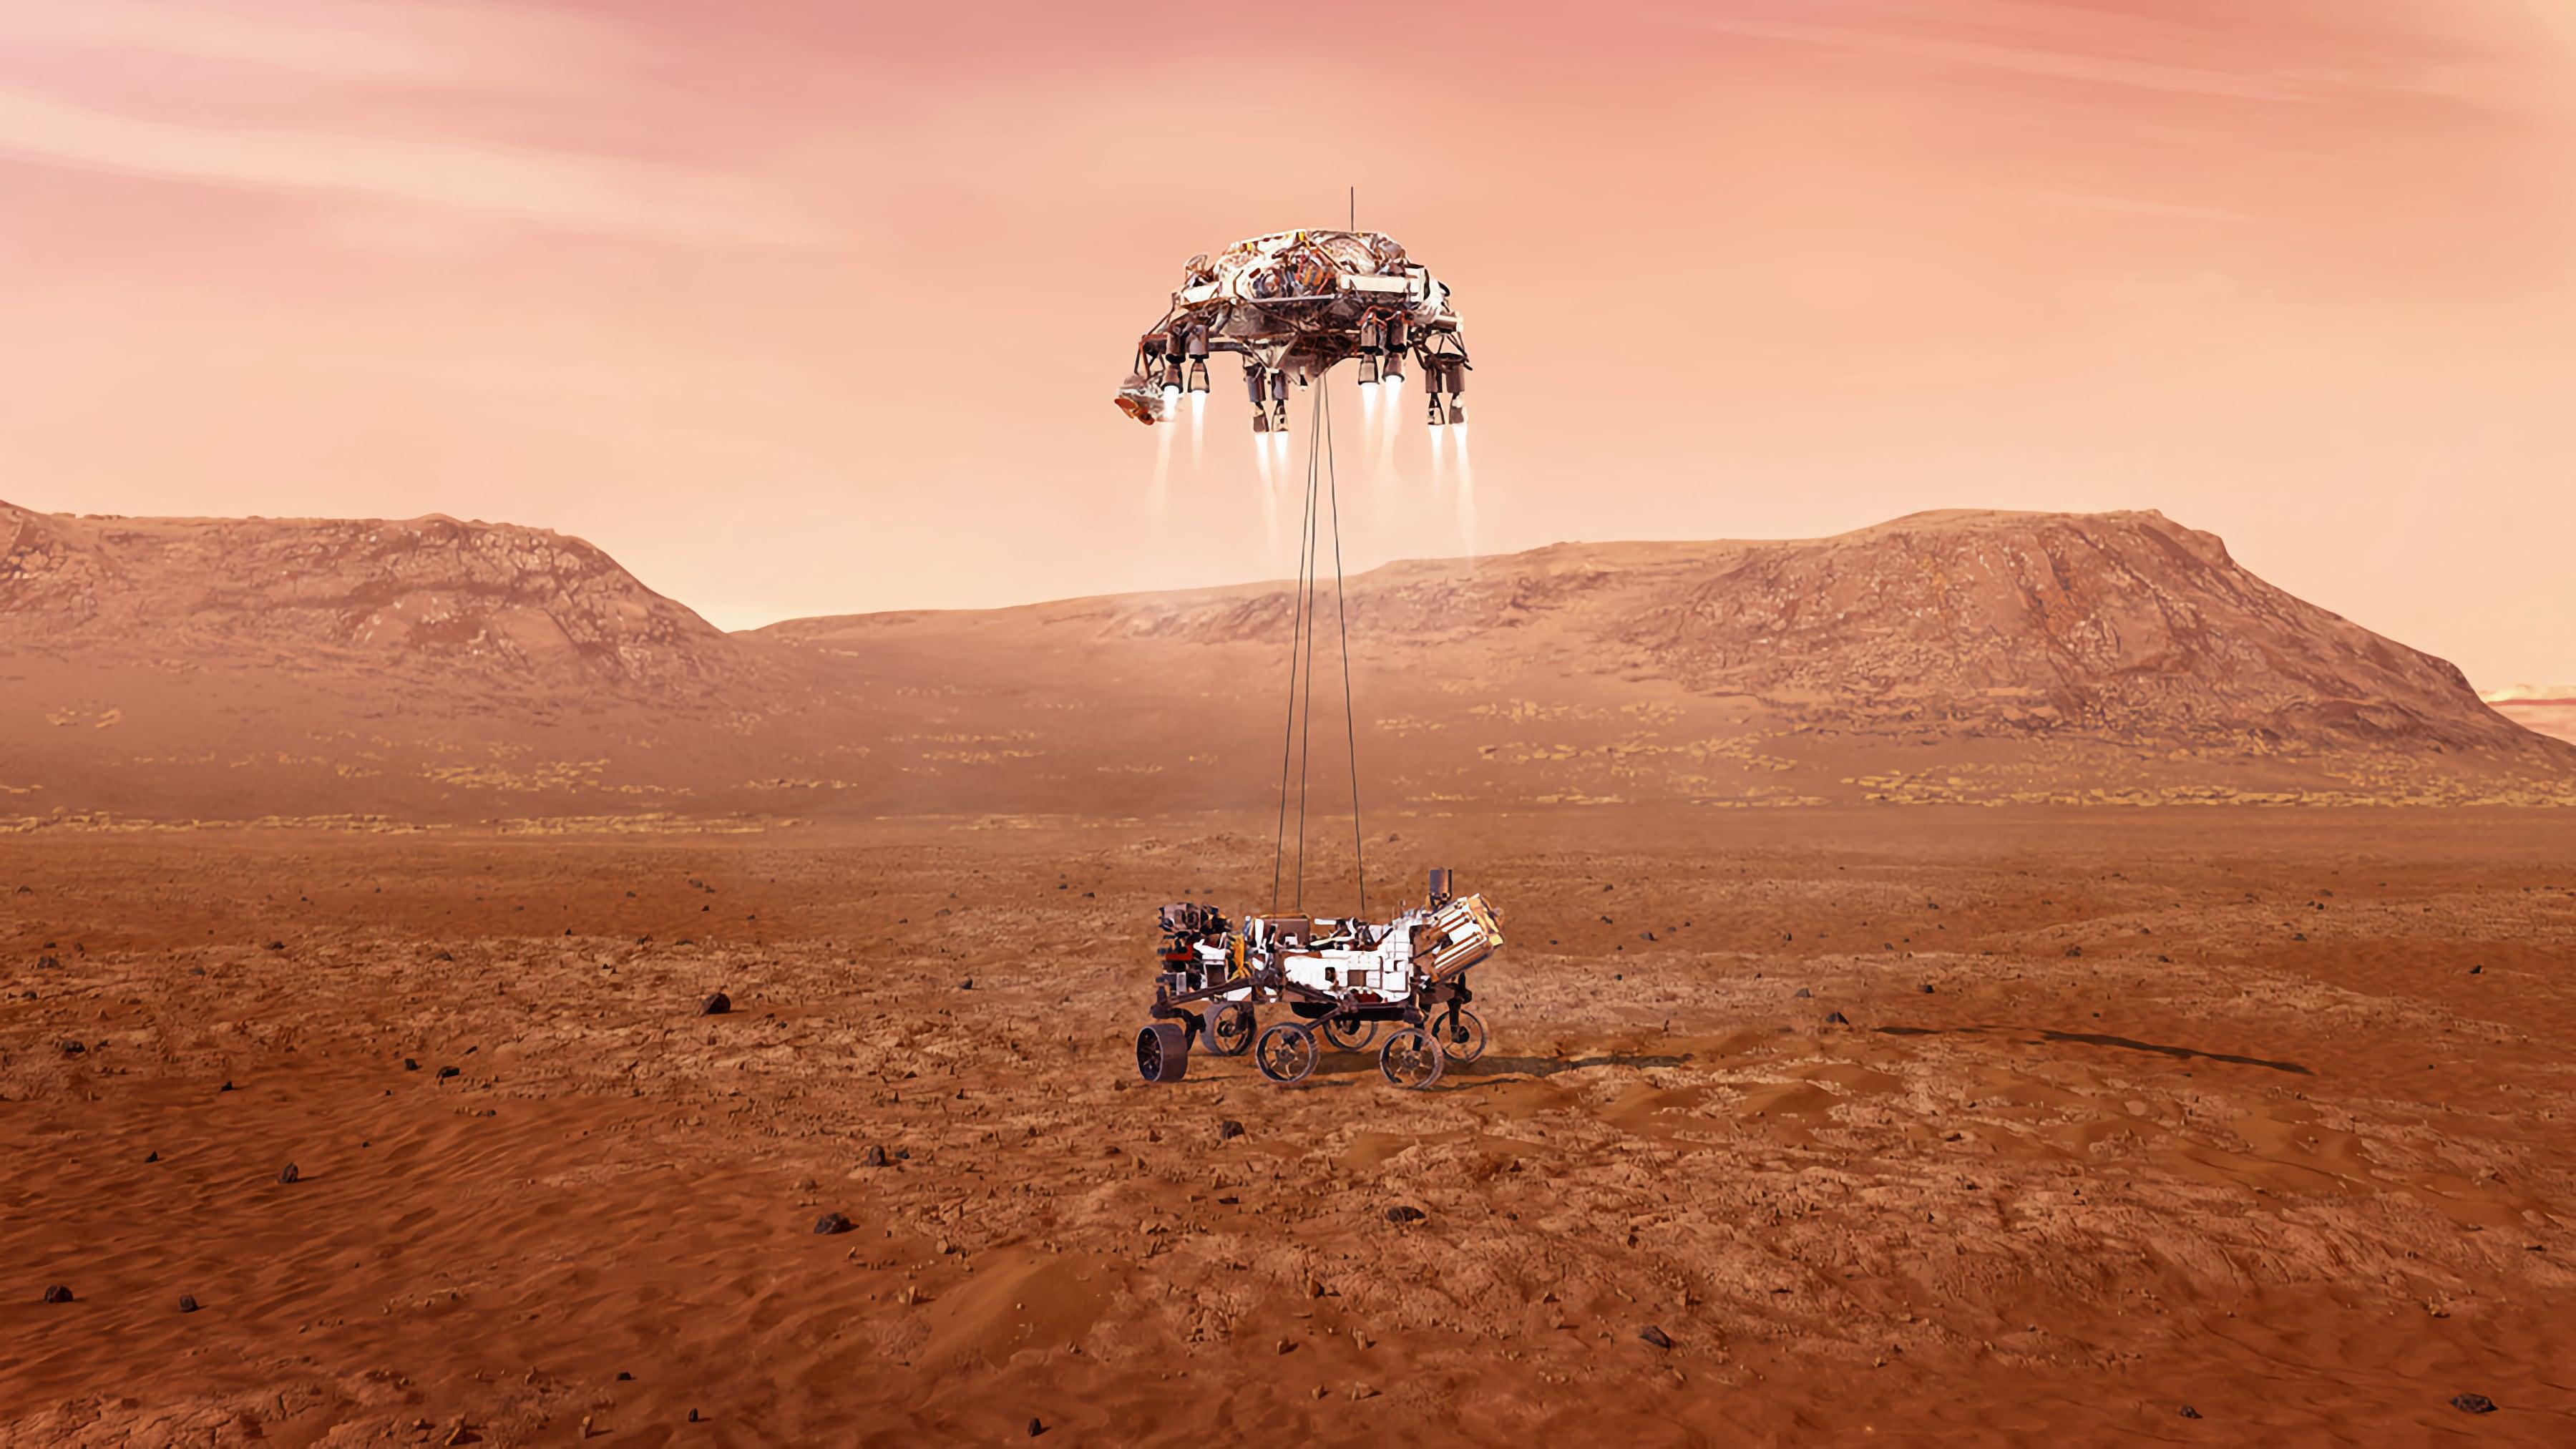 Шутки в сторону: марсоход NASA Perseverance приземлился на поверхность Марса и уже сделал первые фотографии планеты